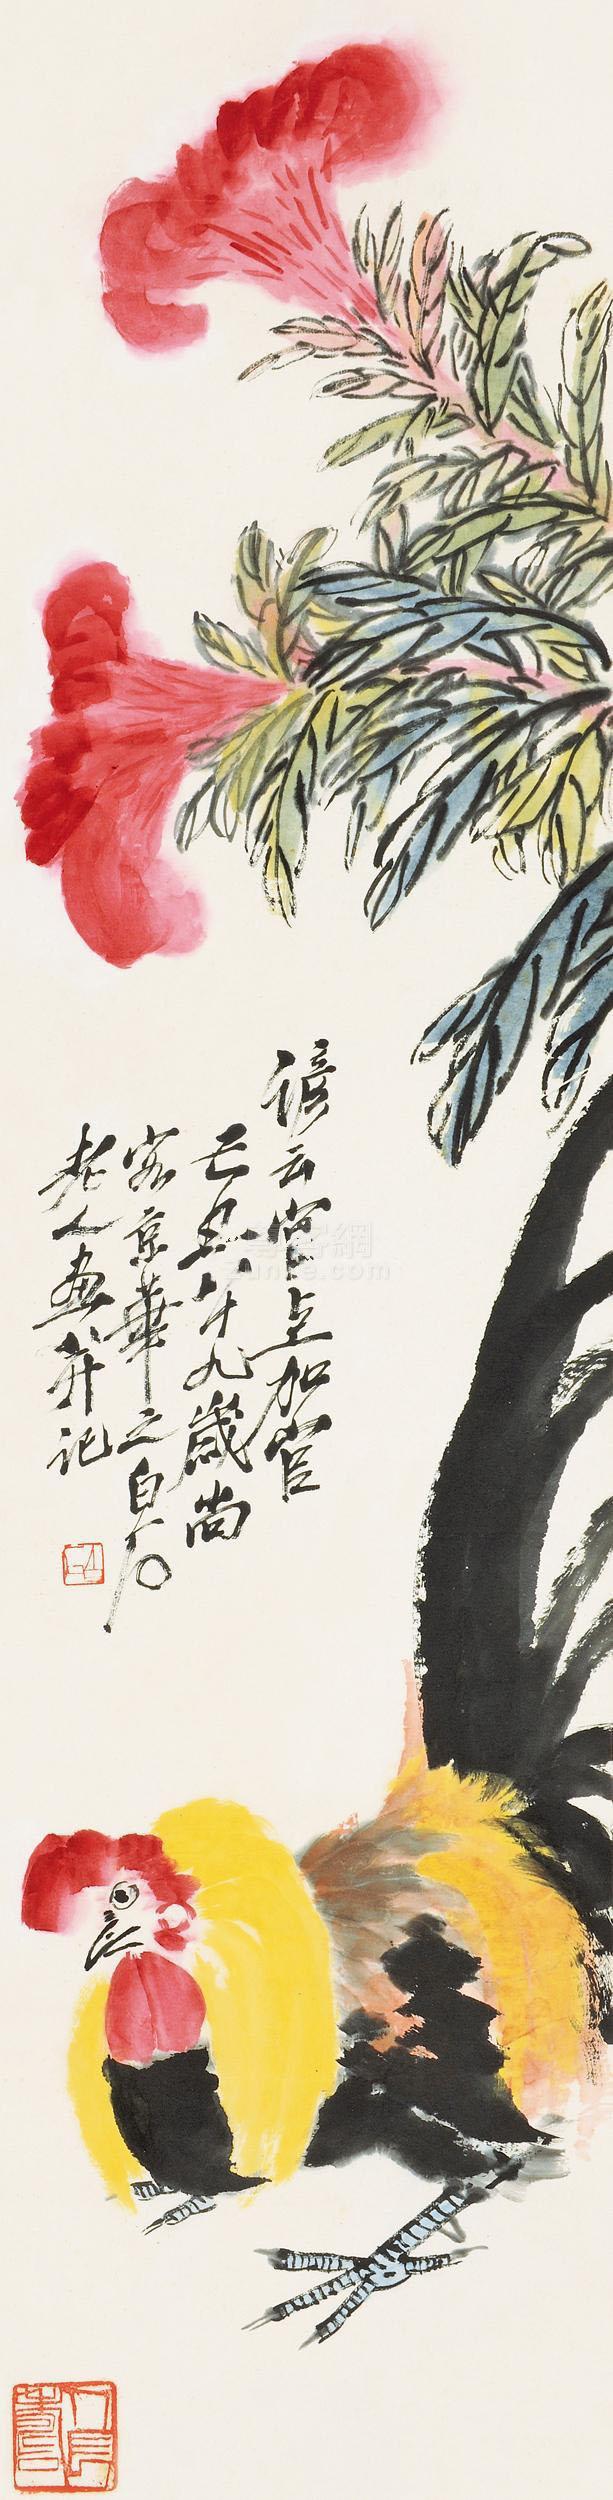 齐白石 官上加官 立轴 设色纸本作品欣赏